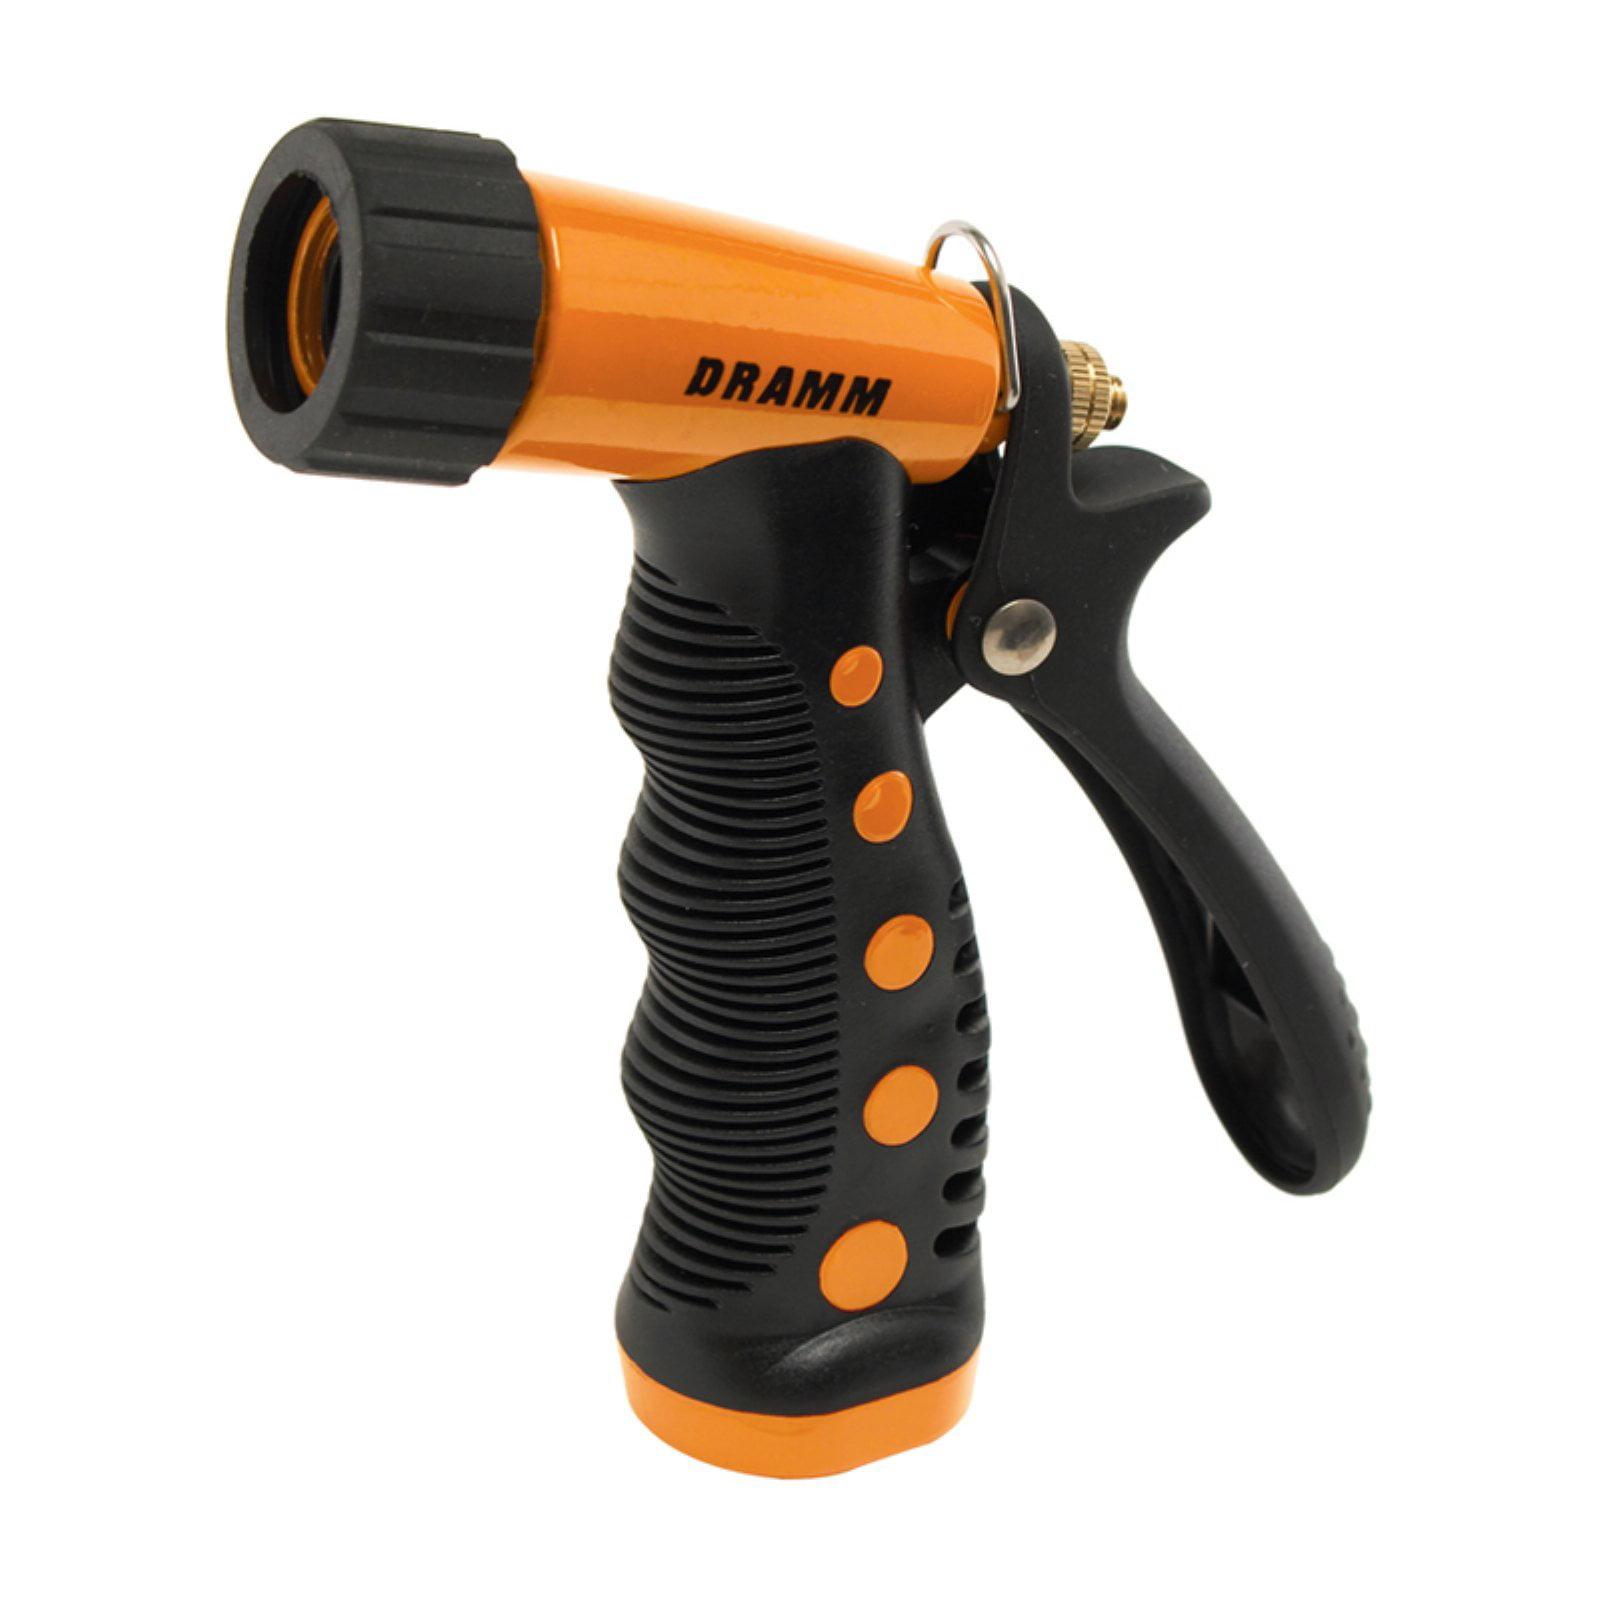 Dramm Premium Pistol Spray Gun With Insulated Grip